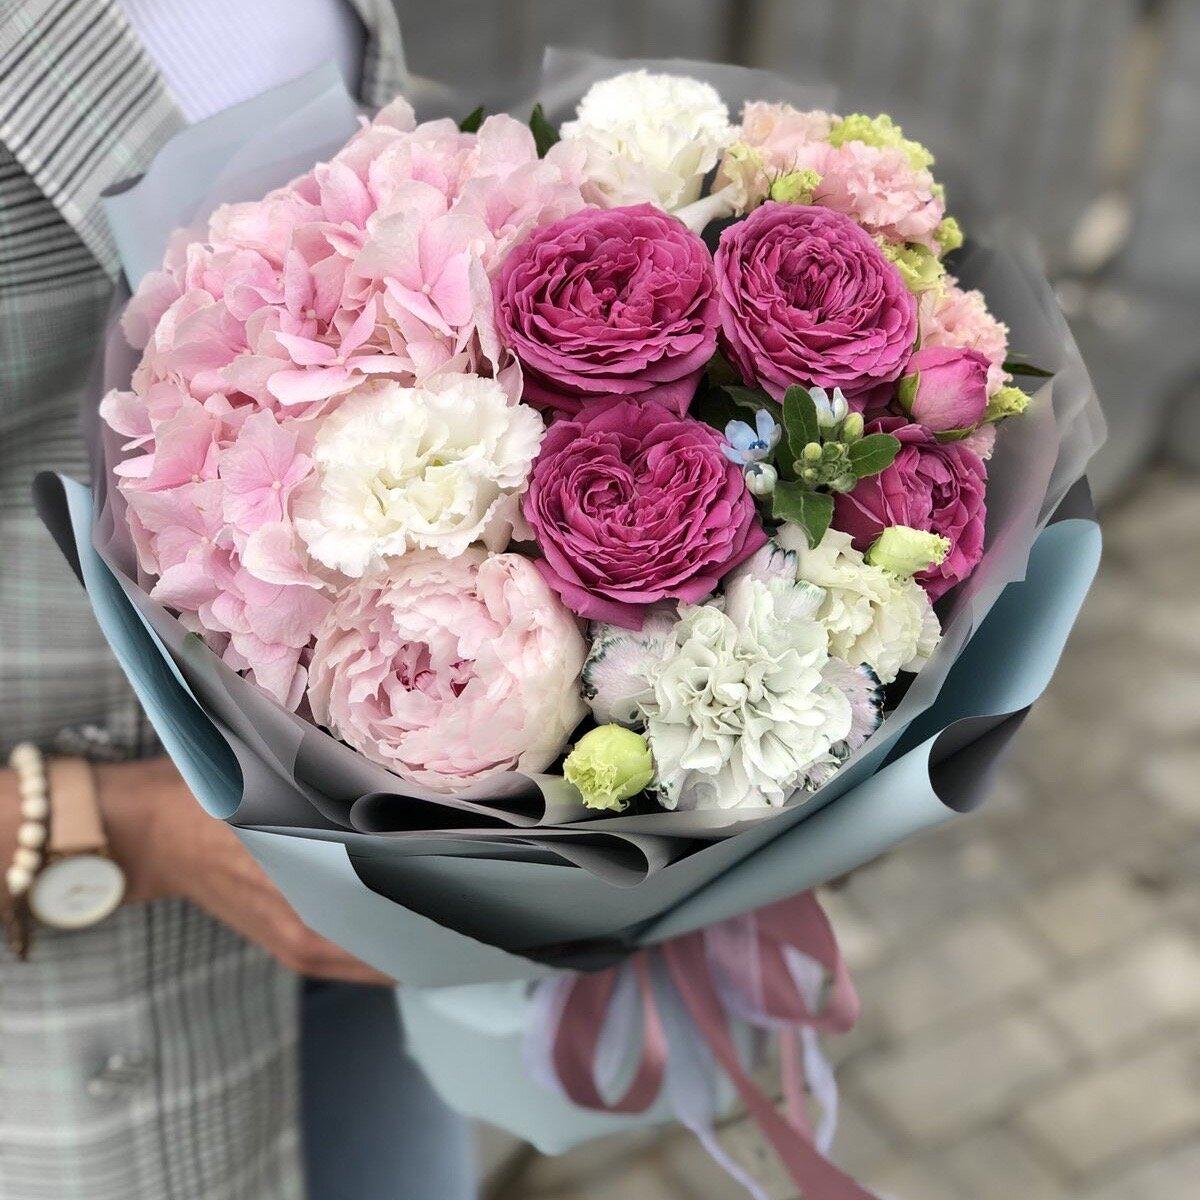 Букет из пиона, кустовой пионовидной розы и гортензии Каста Дива